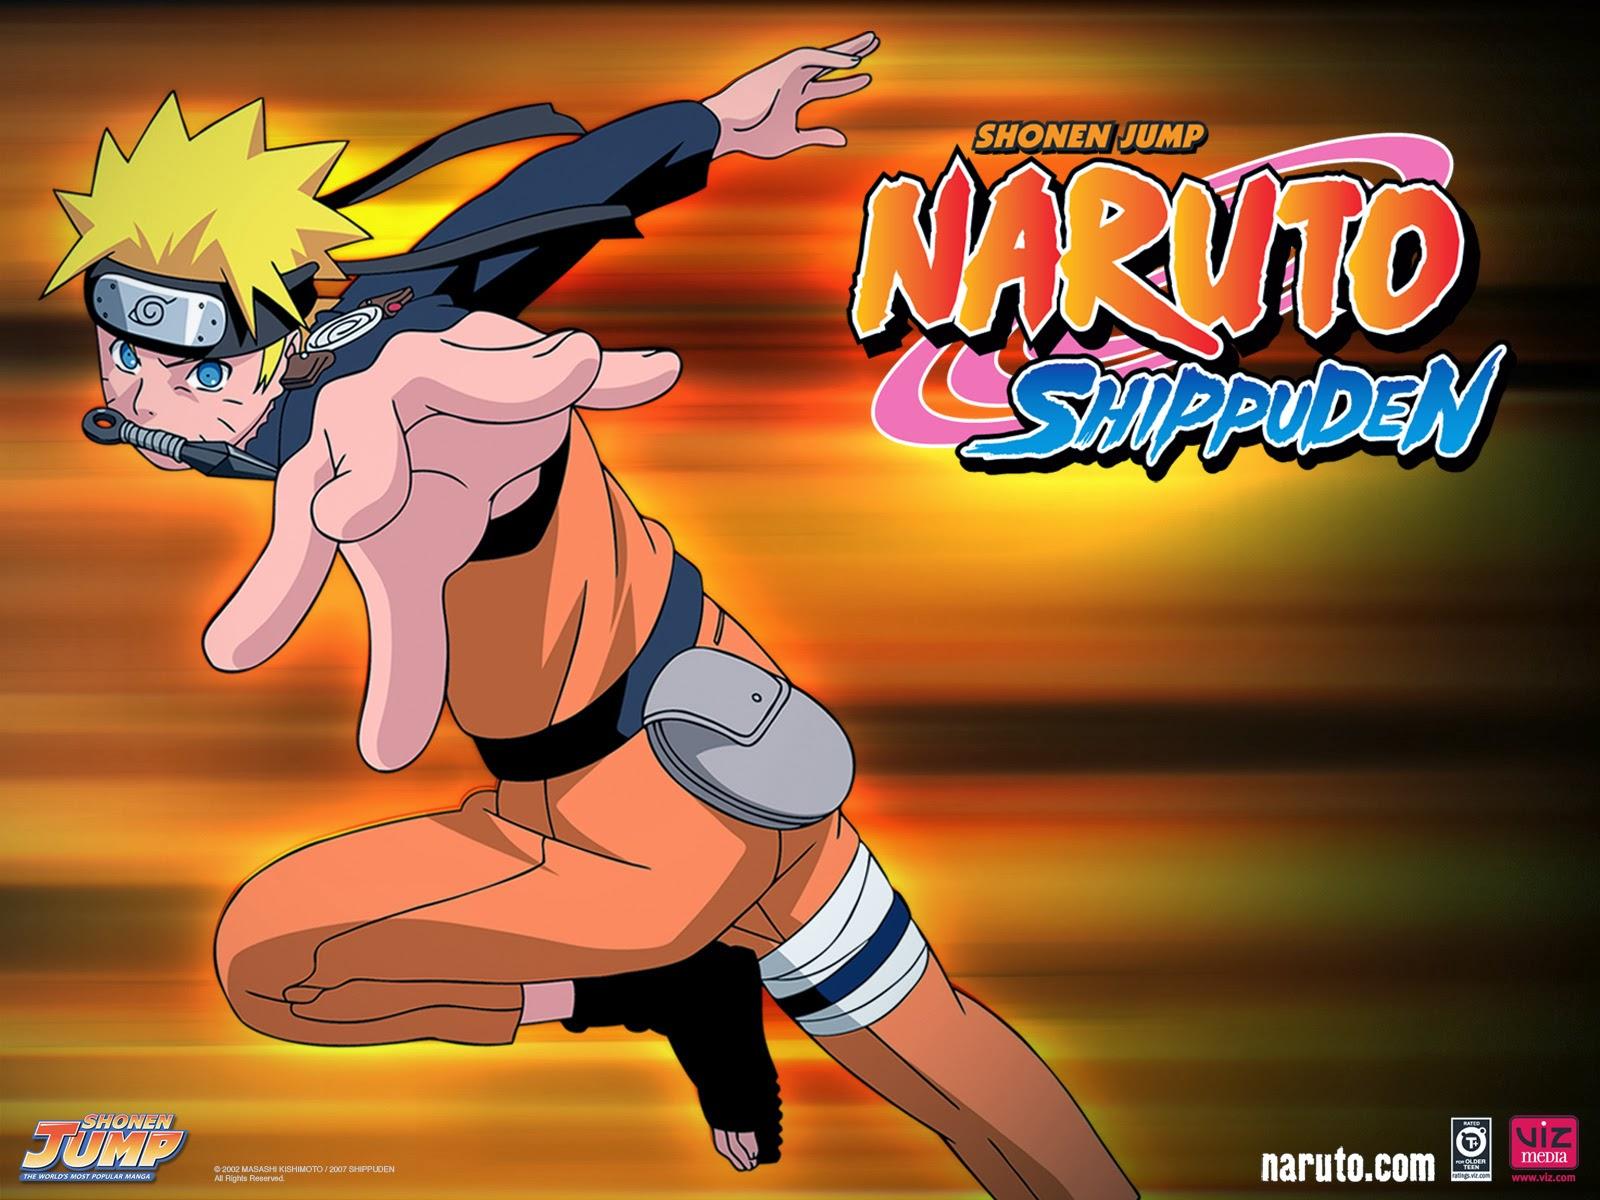 Naruto Shippuden 293 Mf